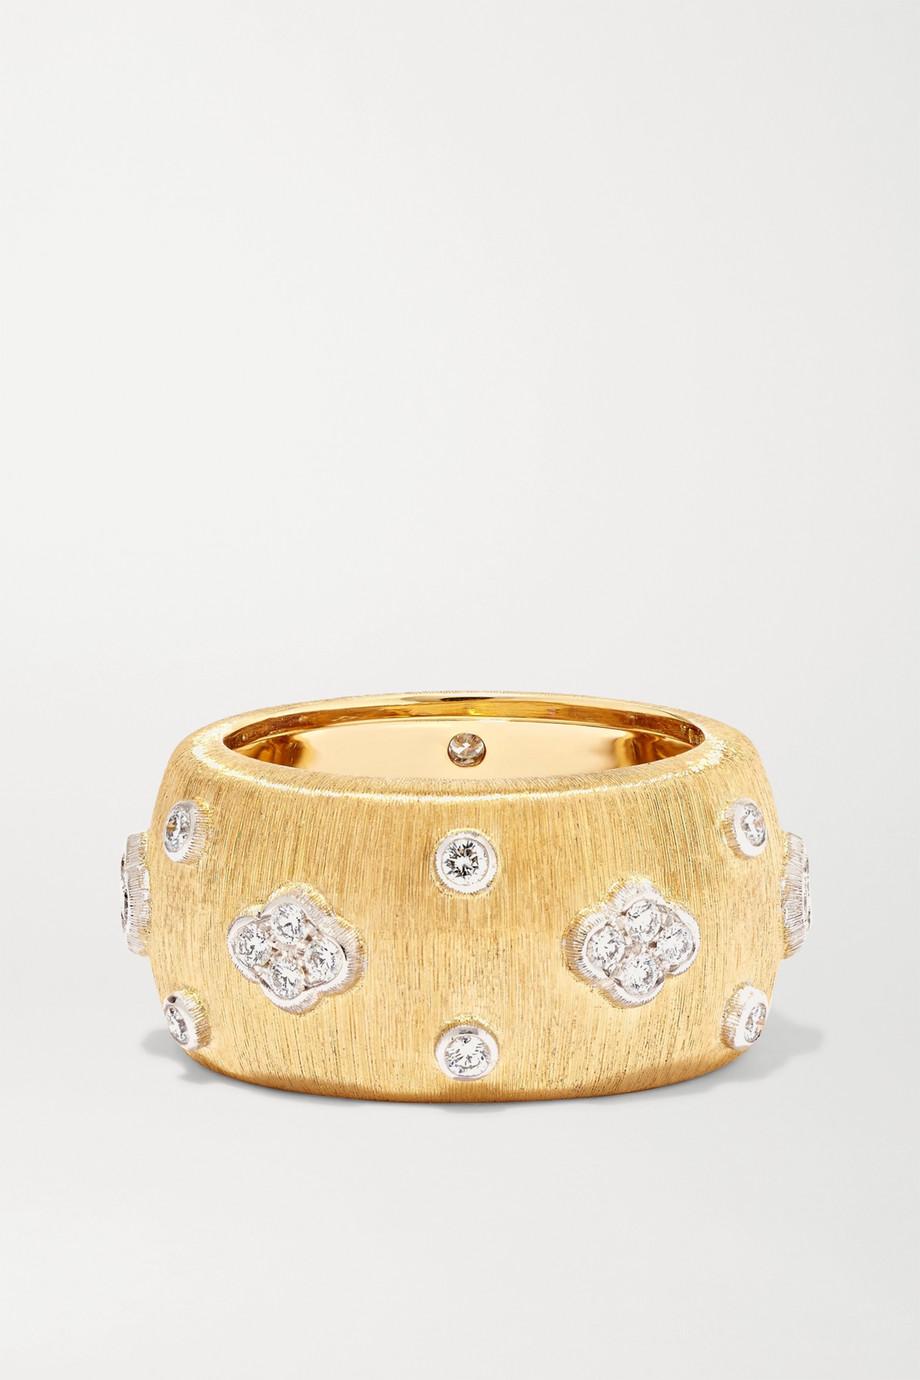 Buccellati Macri Eternelle Ring aus 18 Karat Gelb- und Weißgold mit Diamanten